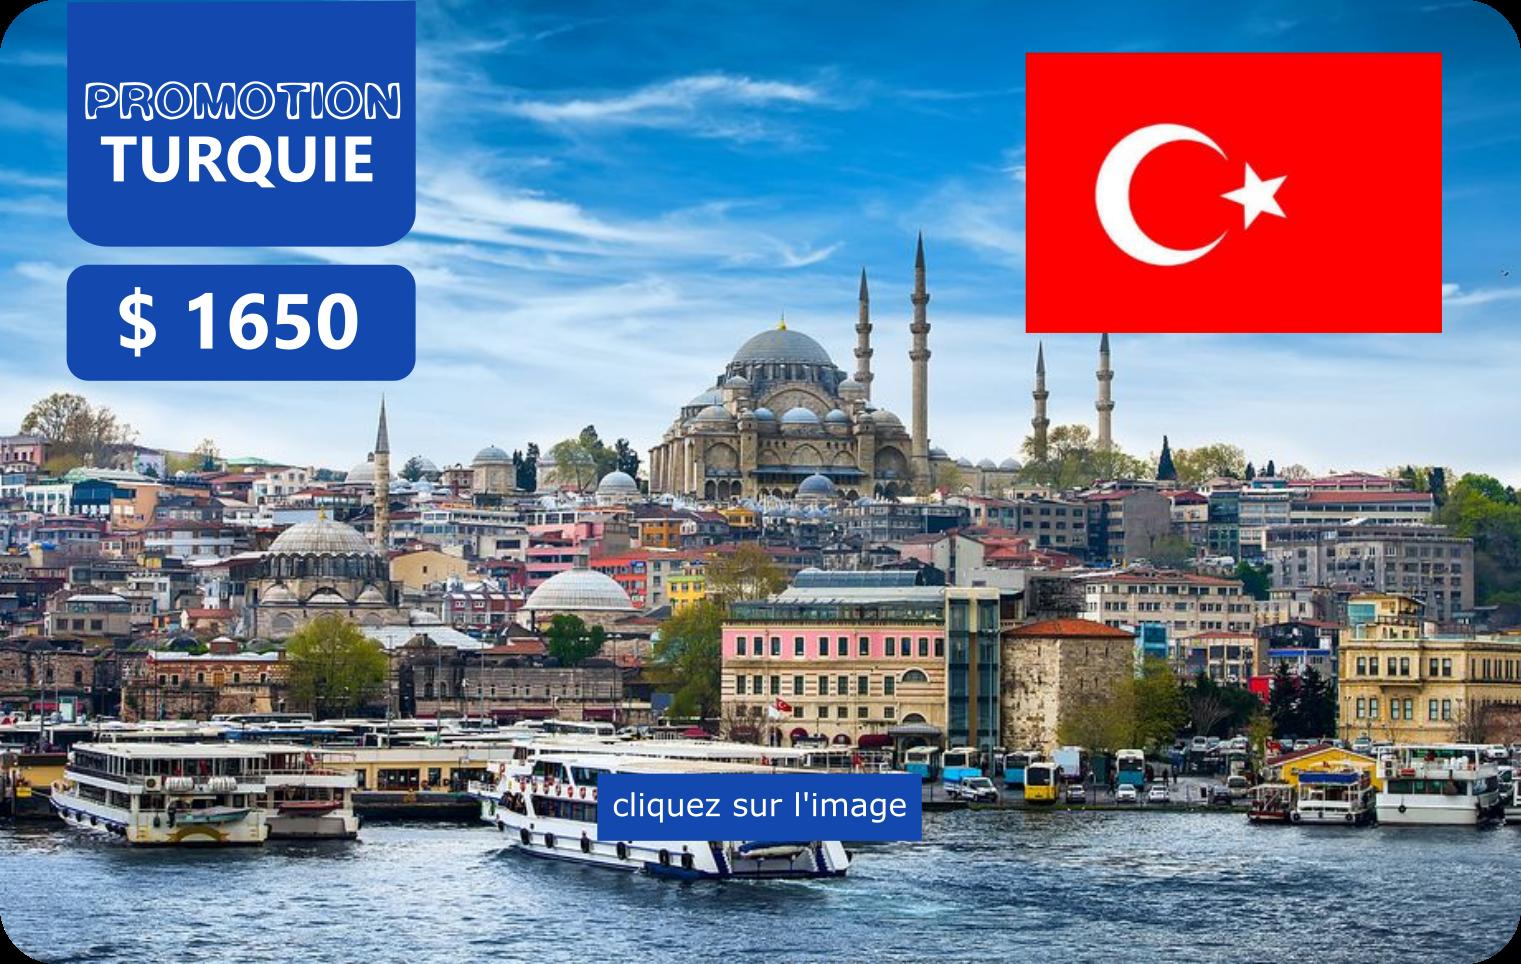 Turquie